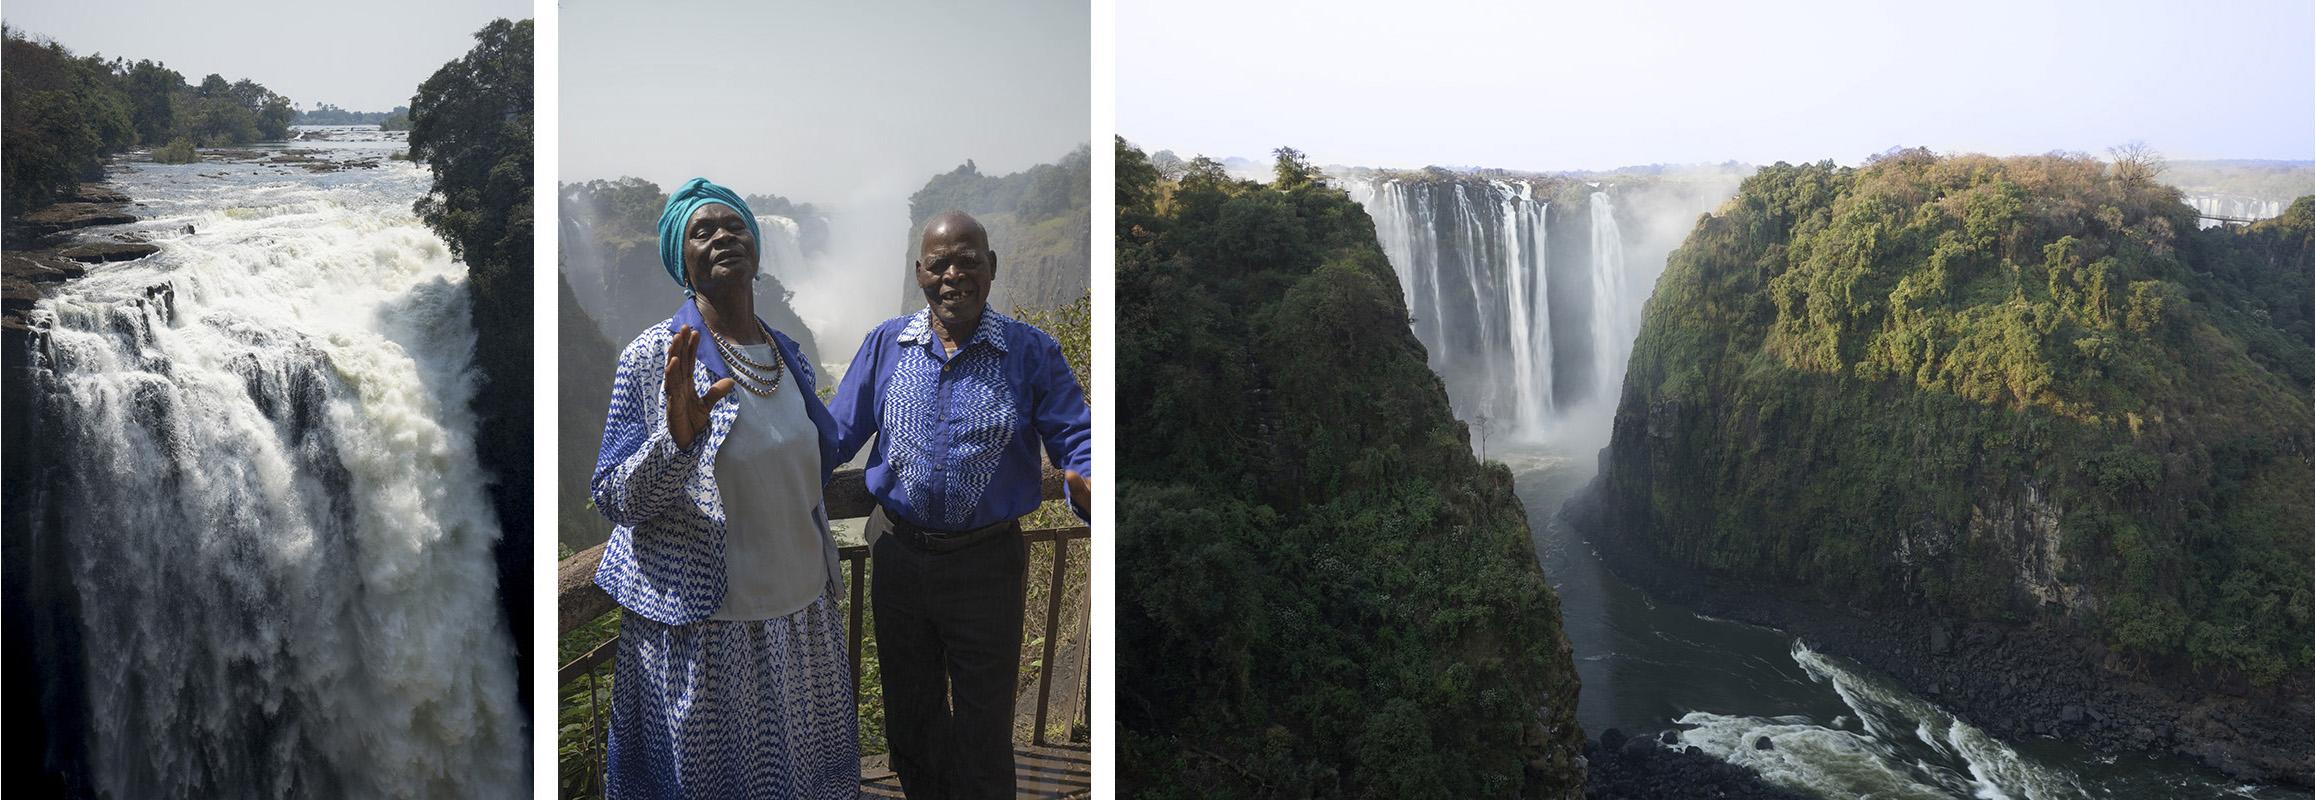 003-botswana-okavango-paolo-cardinali